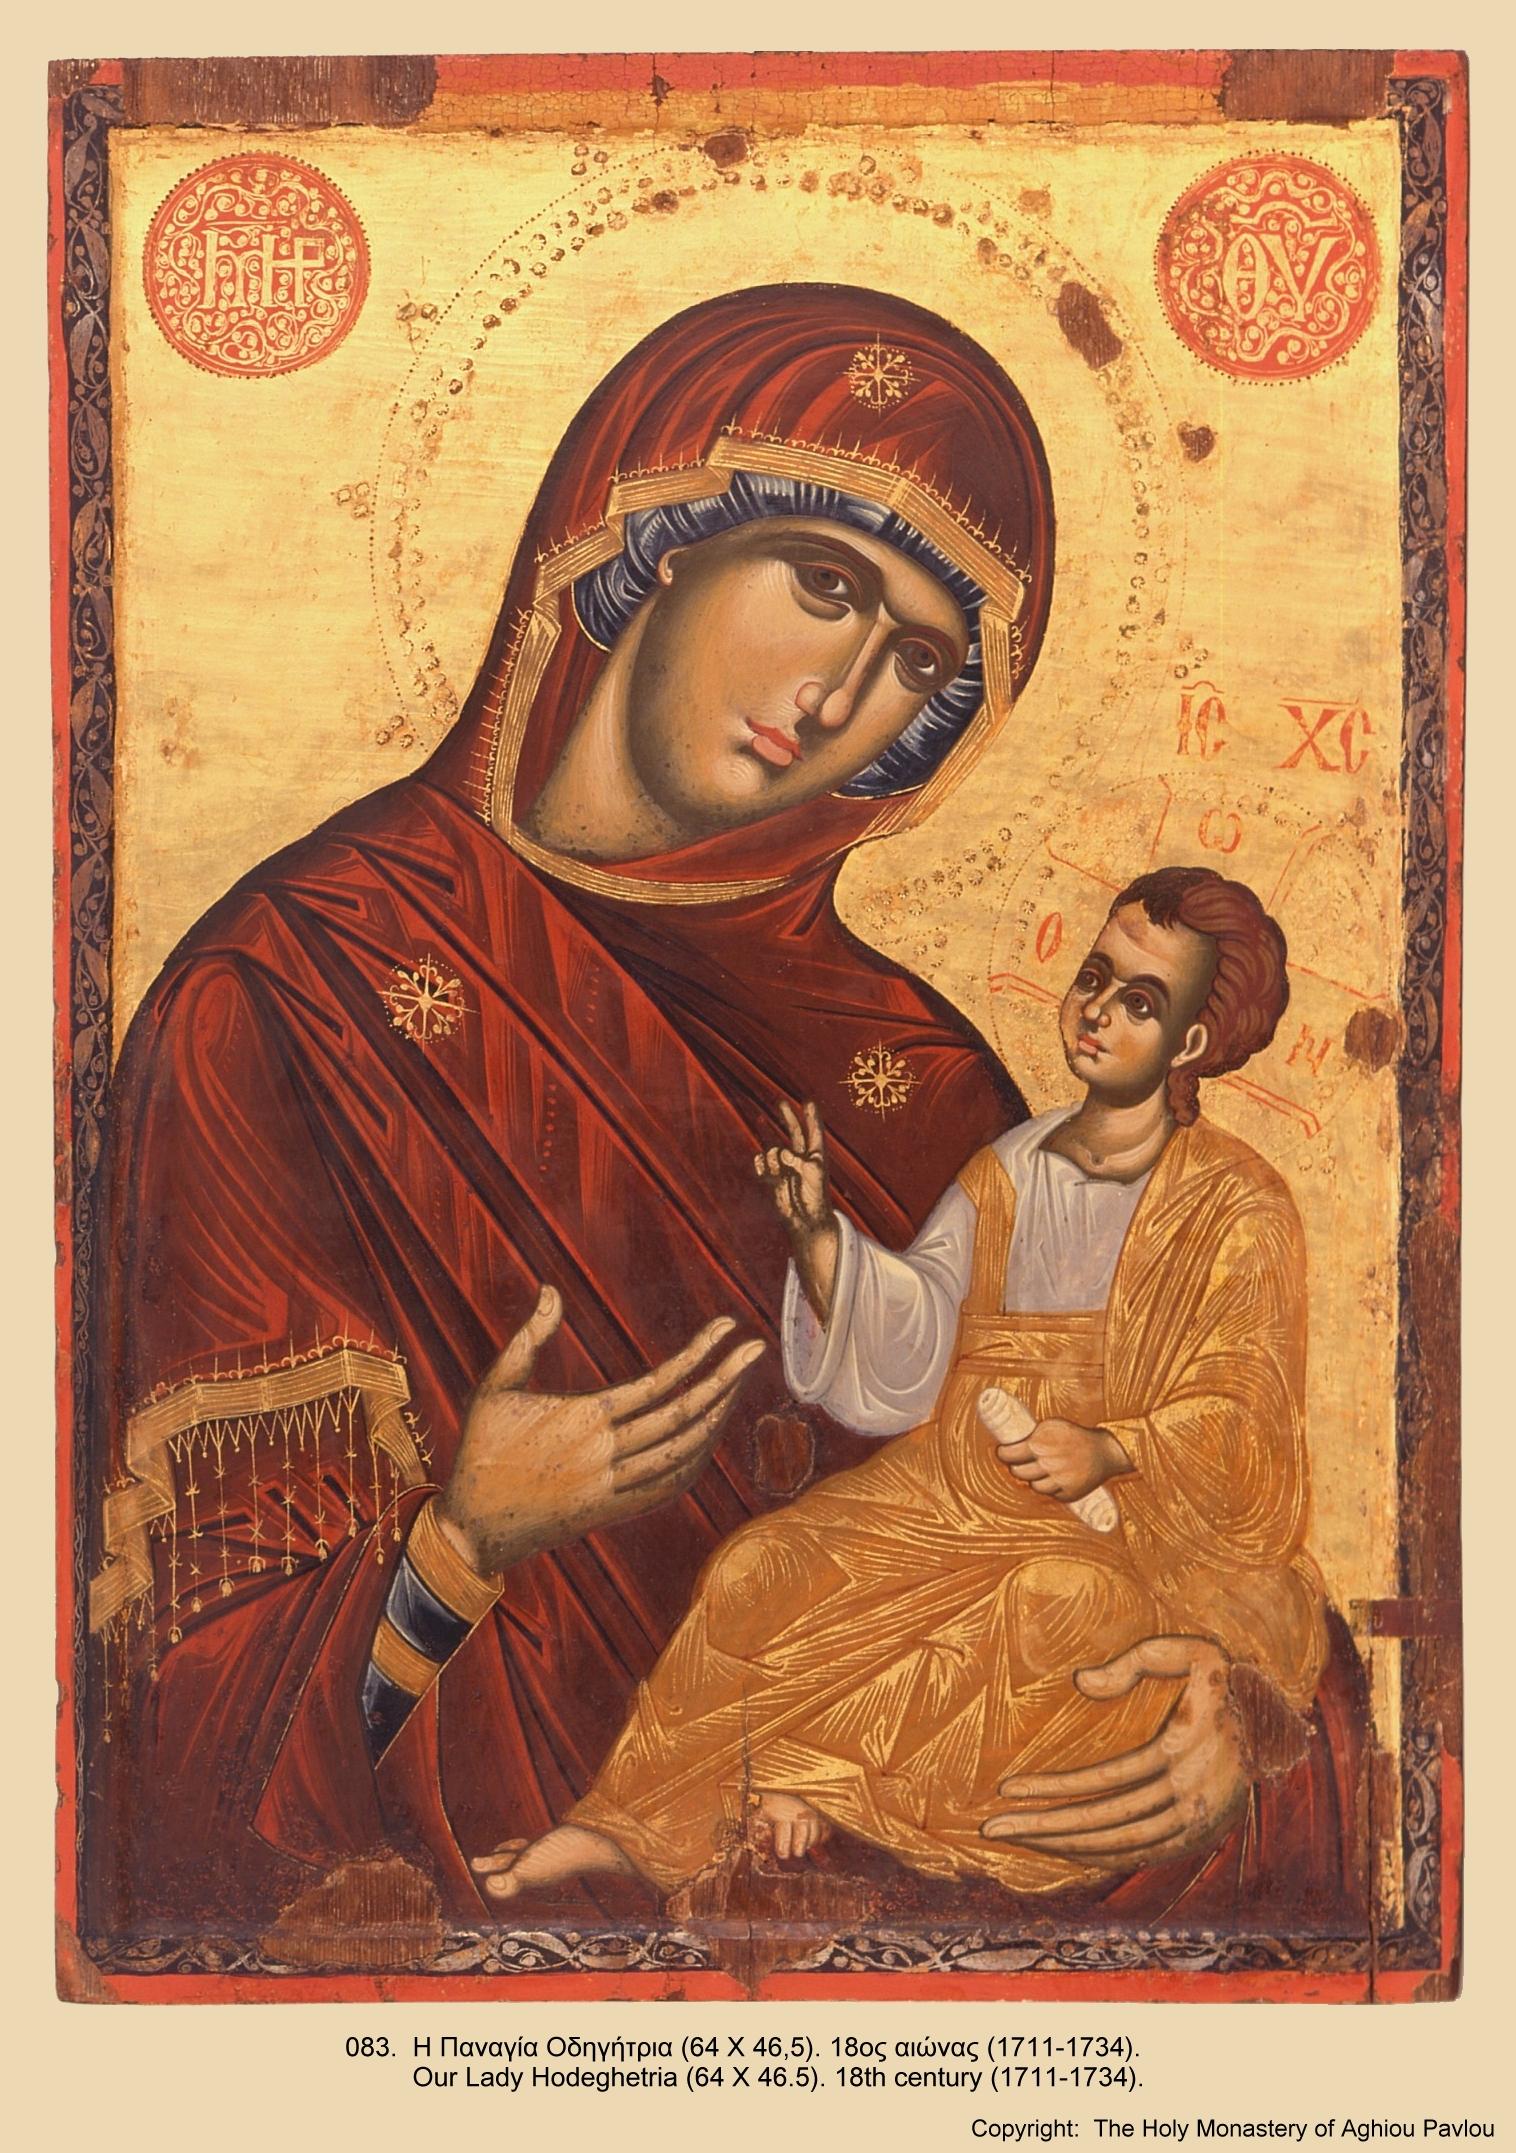 Иконы монастыря св. Павла (82)